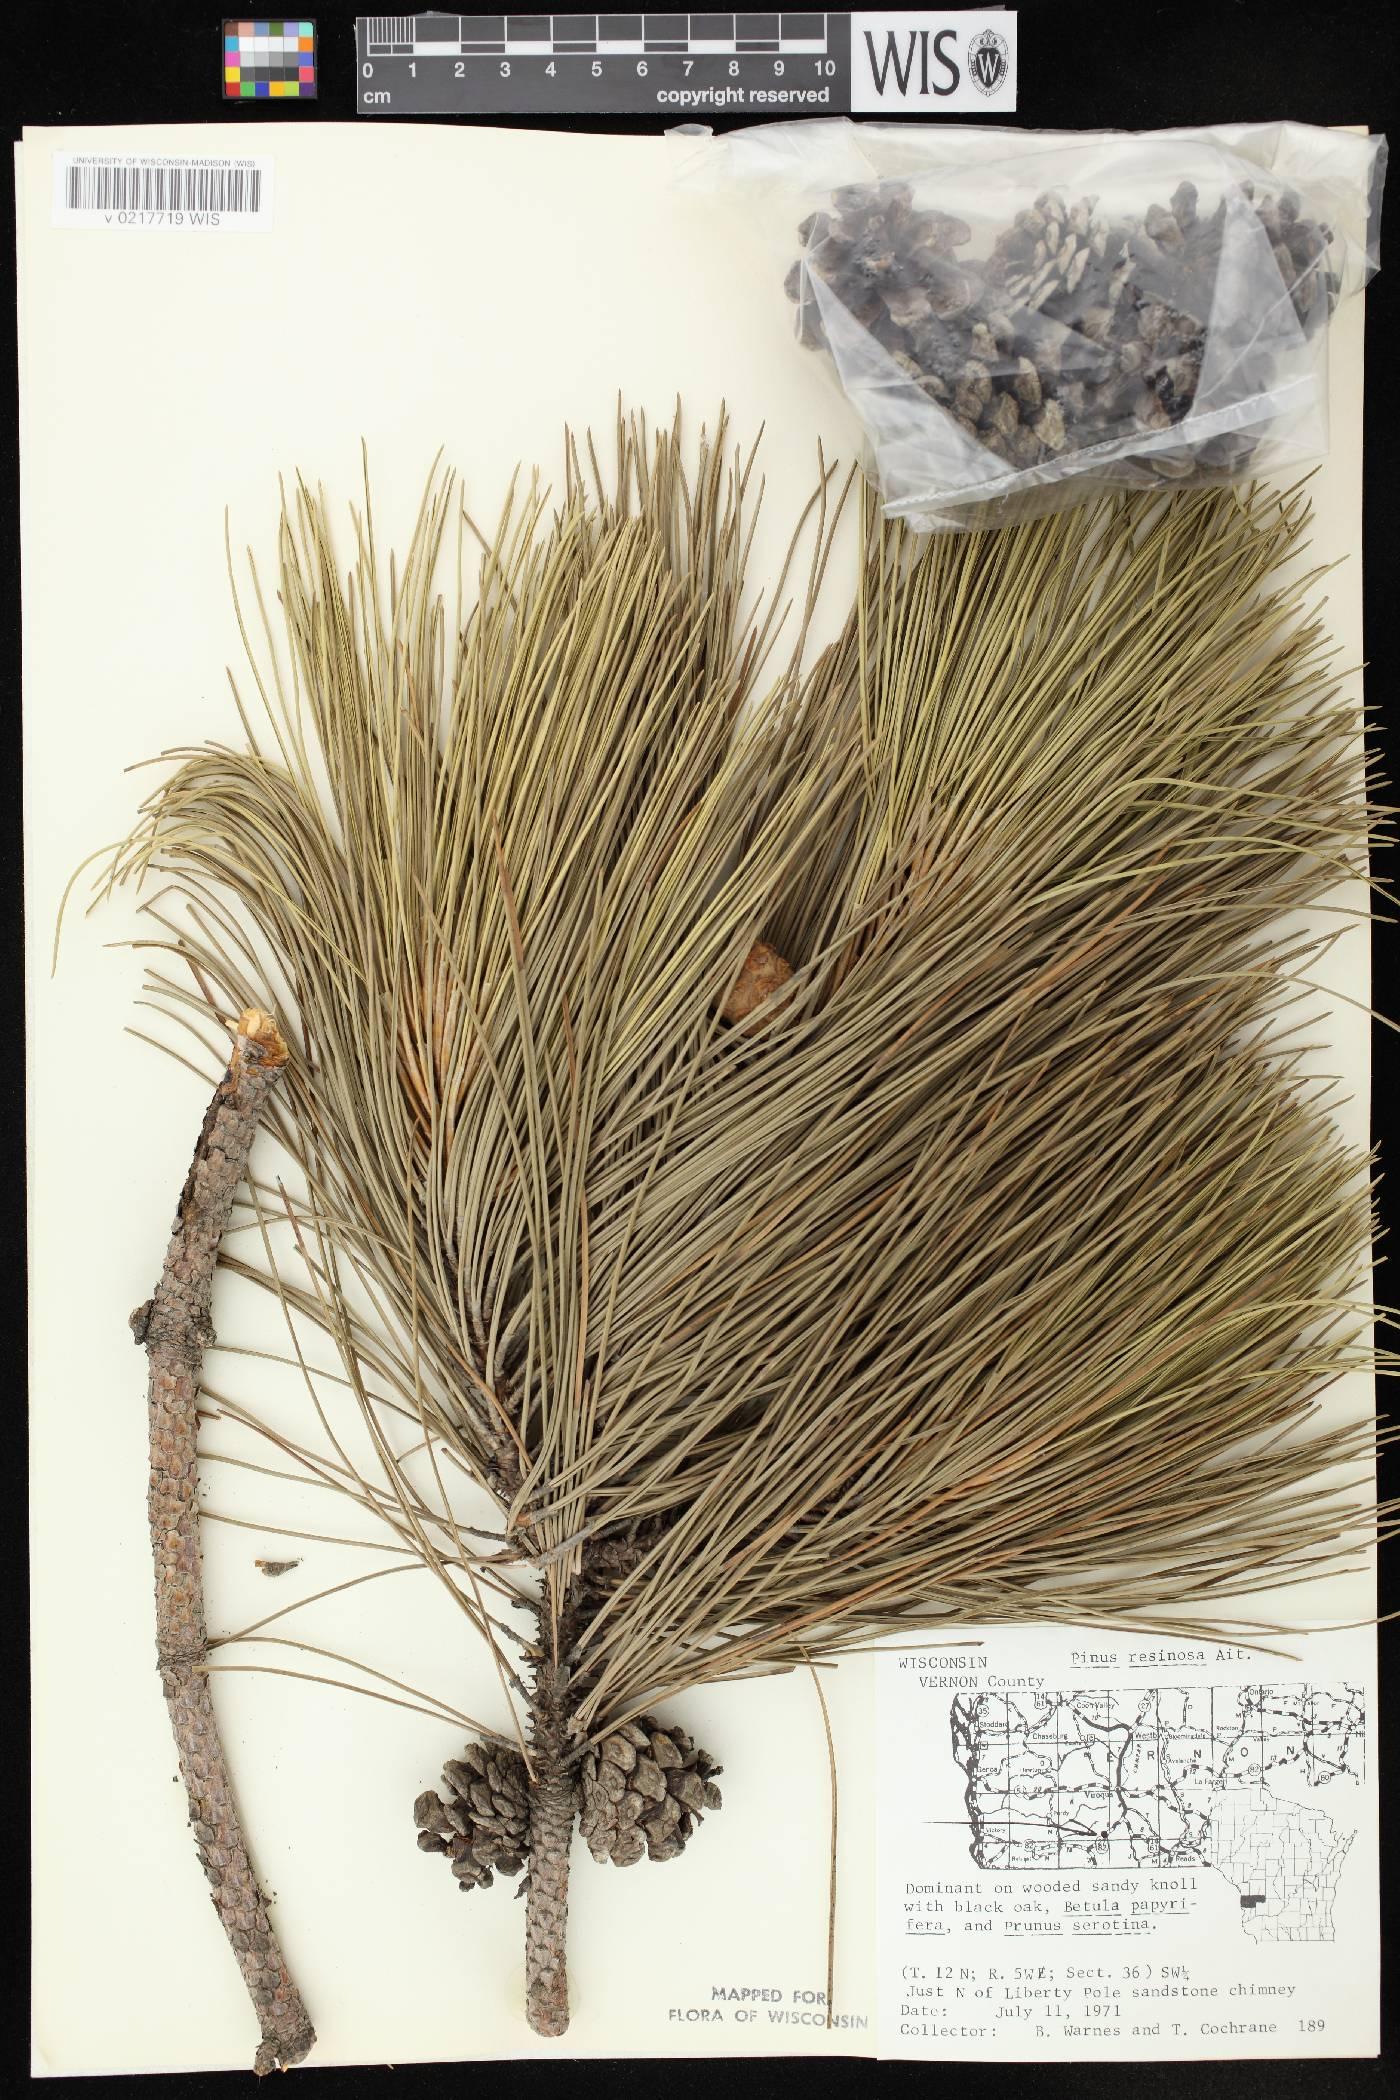 Pinus resinosa image